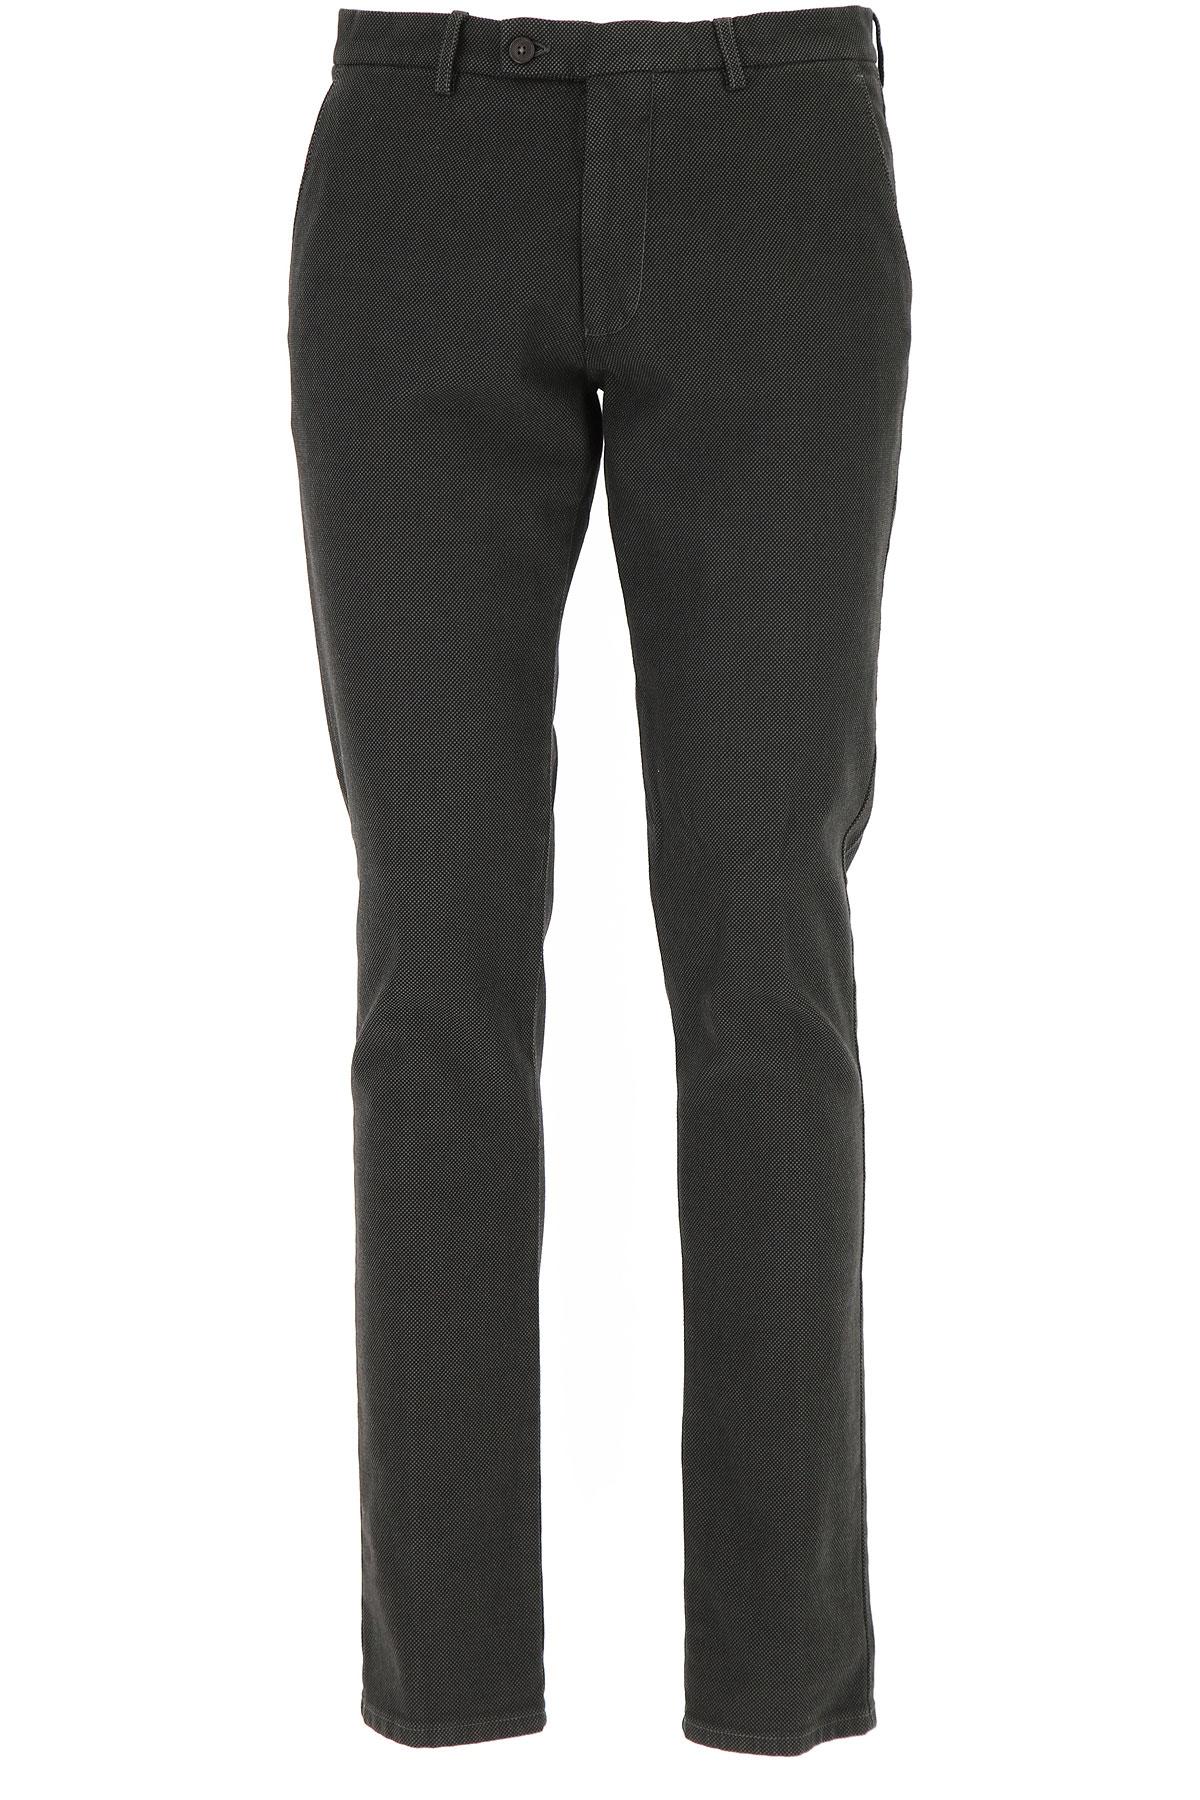 Image of Berwich Pants for Men, Asphalt Grey, Cotton, 2017, 30 34 36 38